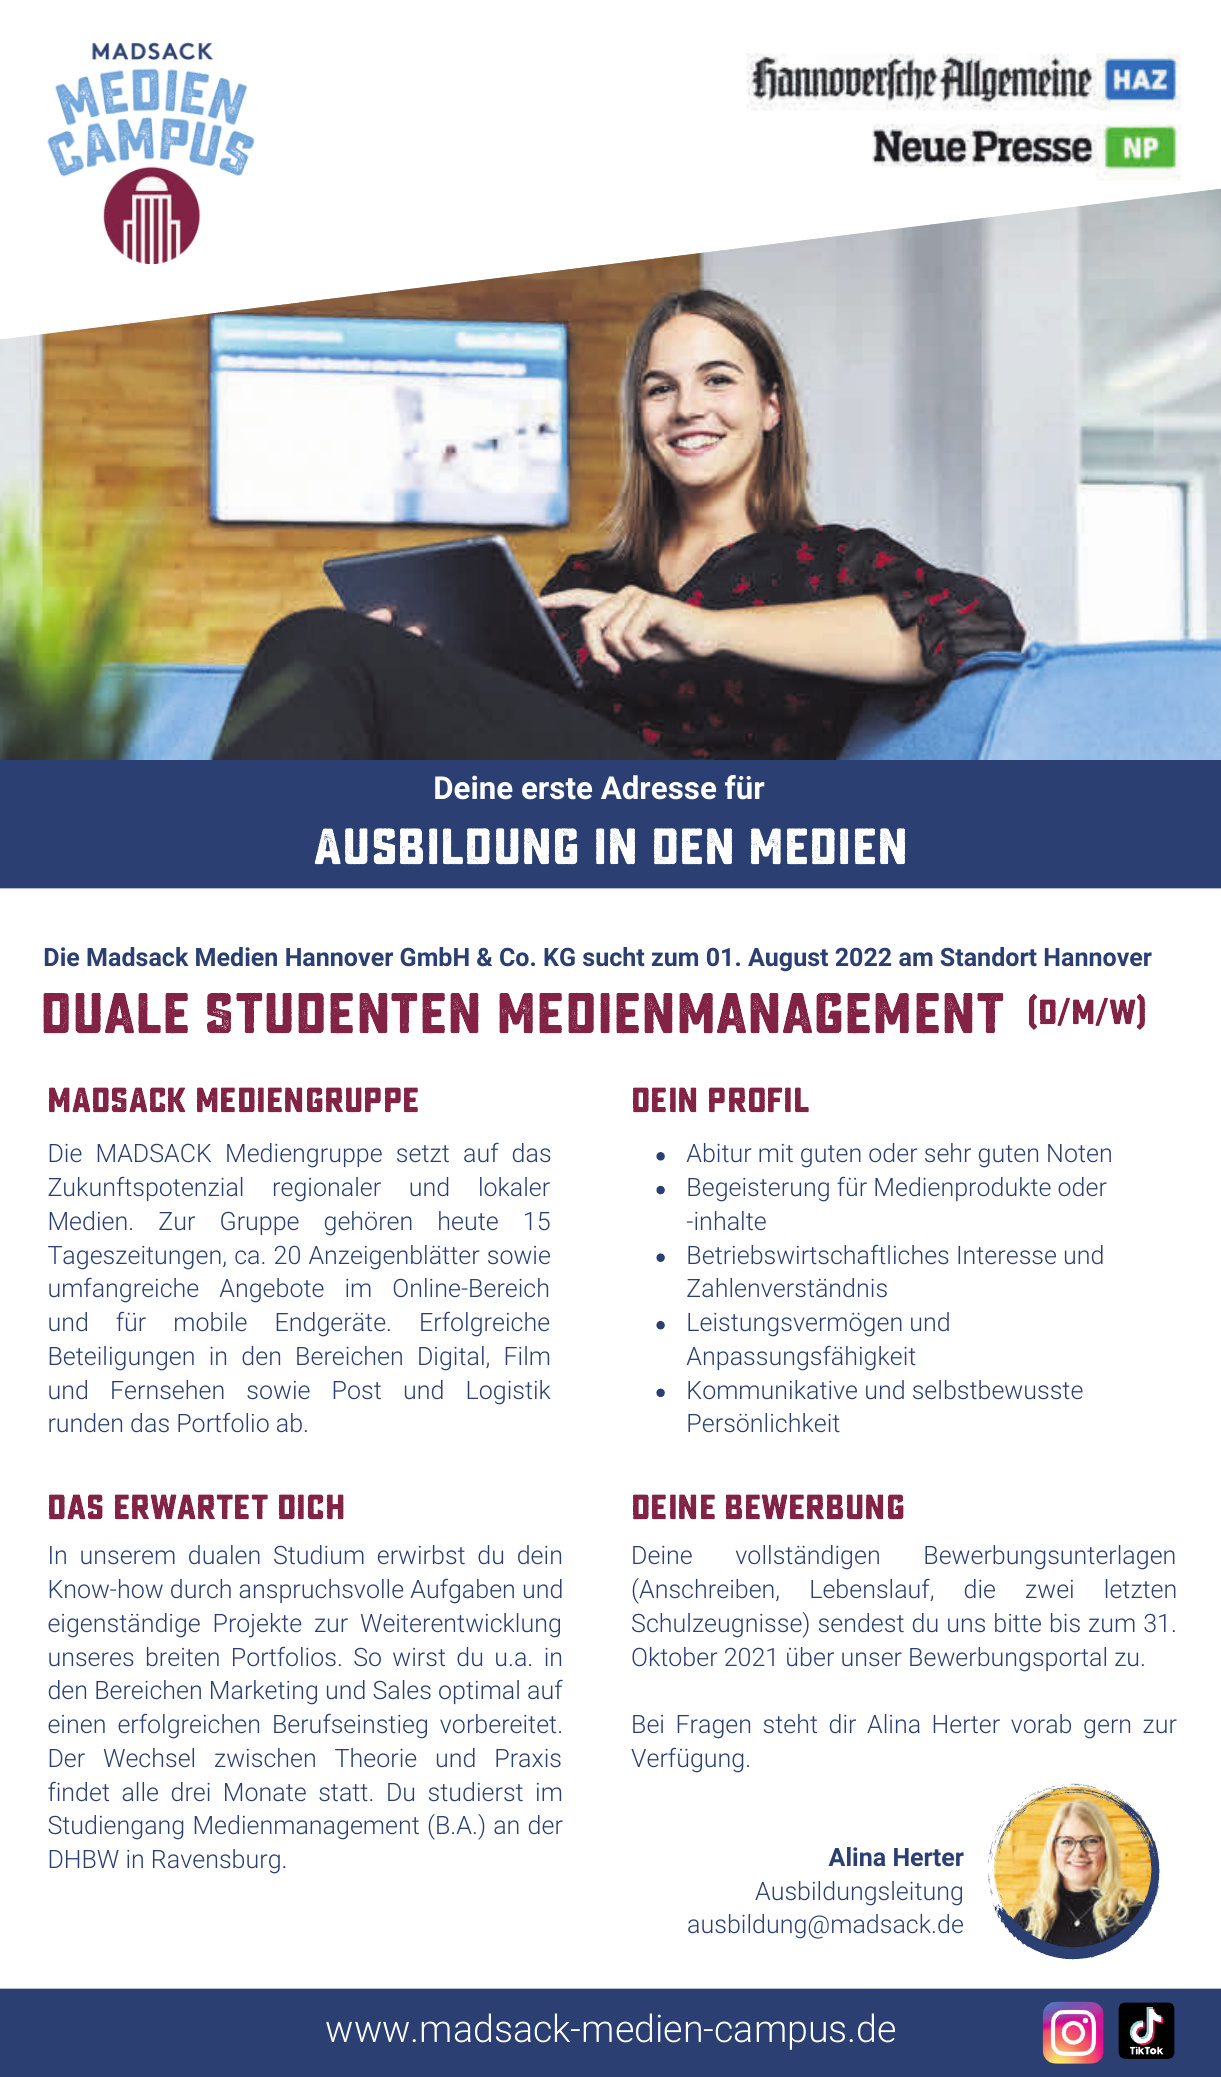 Die Madsack Medien Hannover GmbH & Co. KG